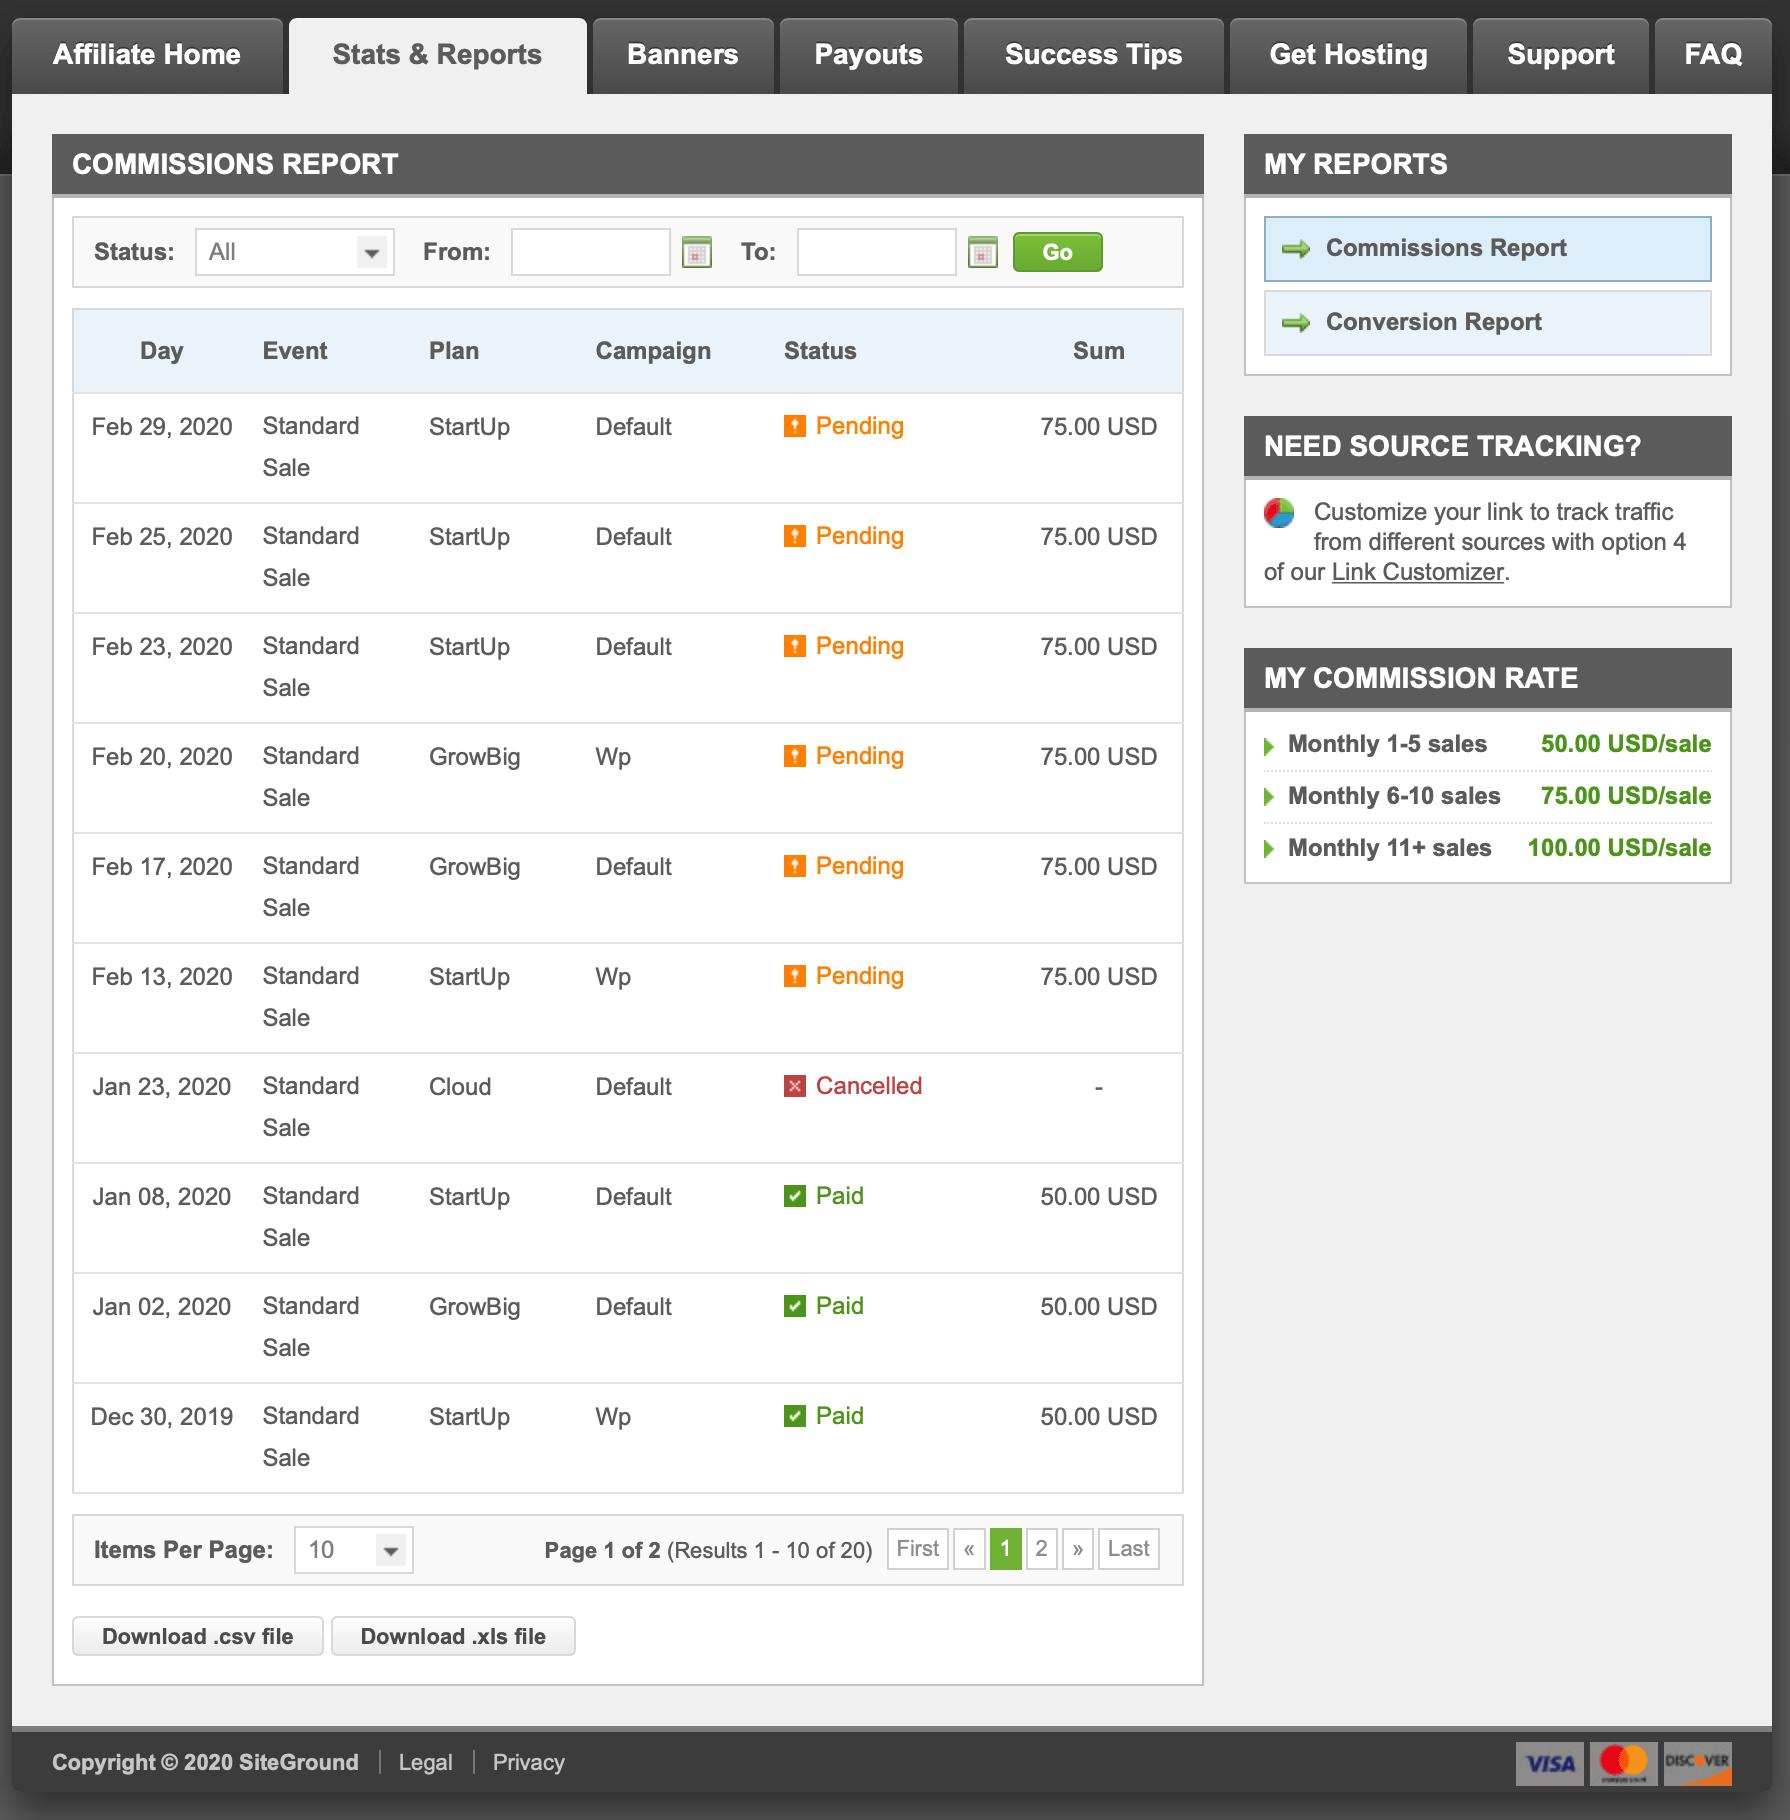 SG-affiliate-sales